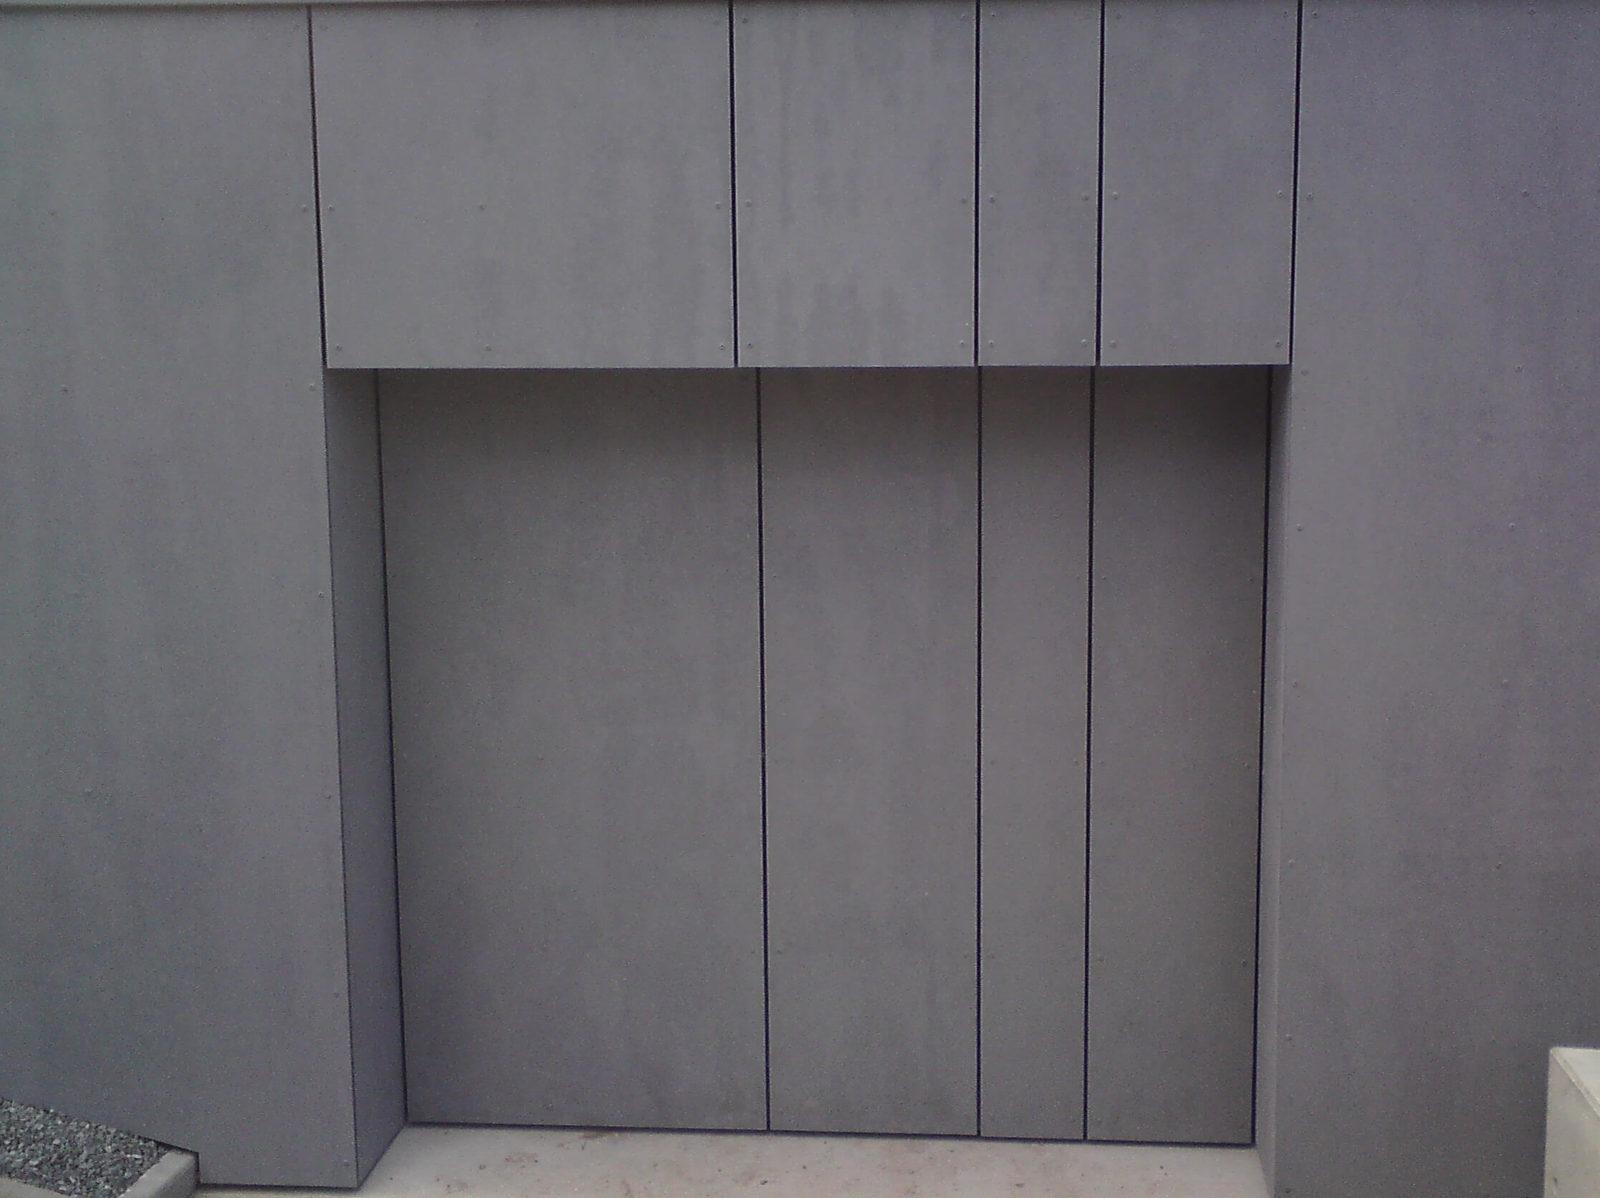 Brama garażowa idealnie dopasowana do elewacji